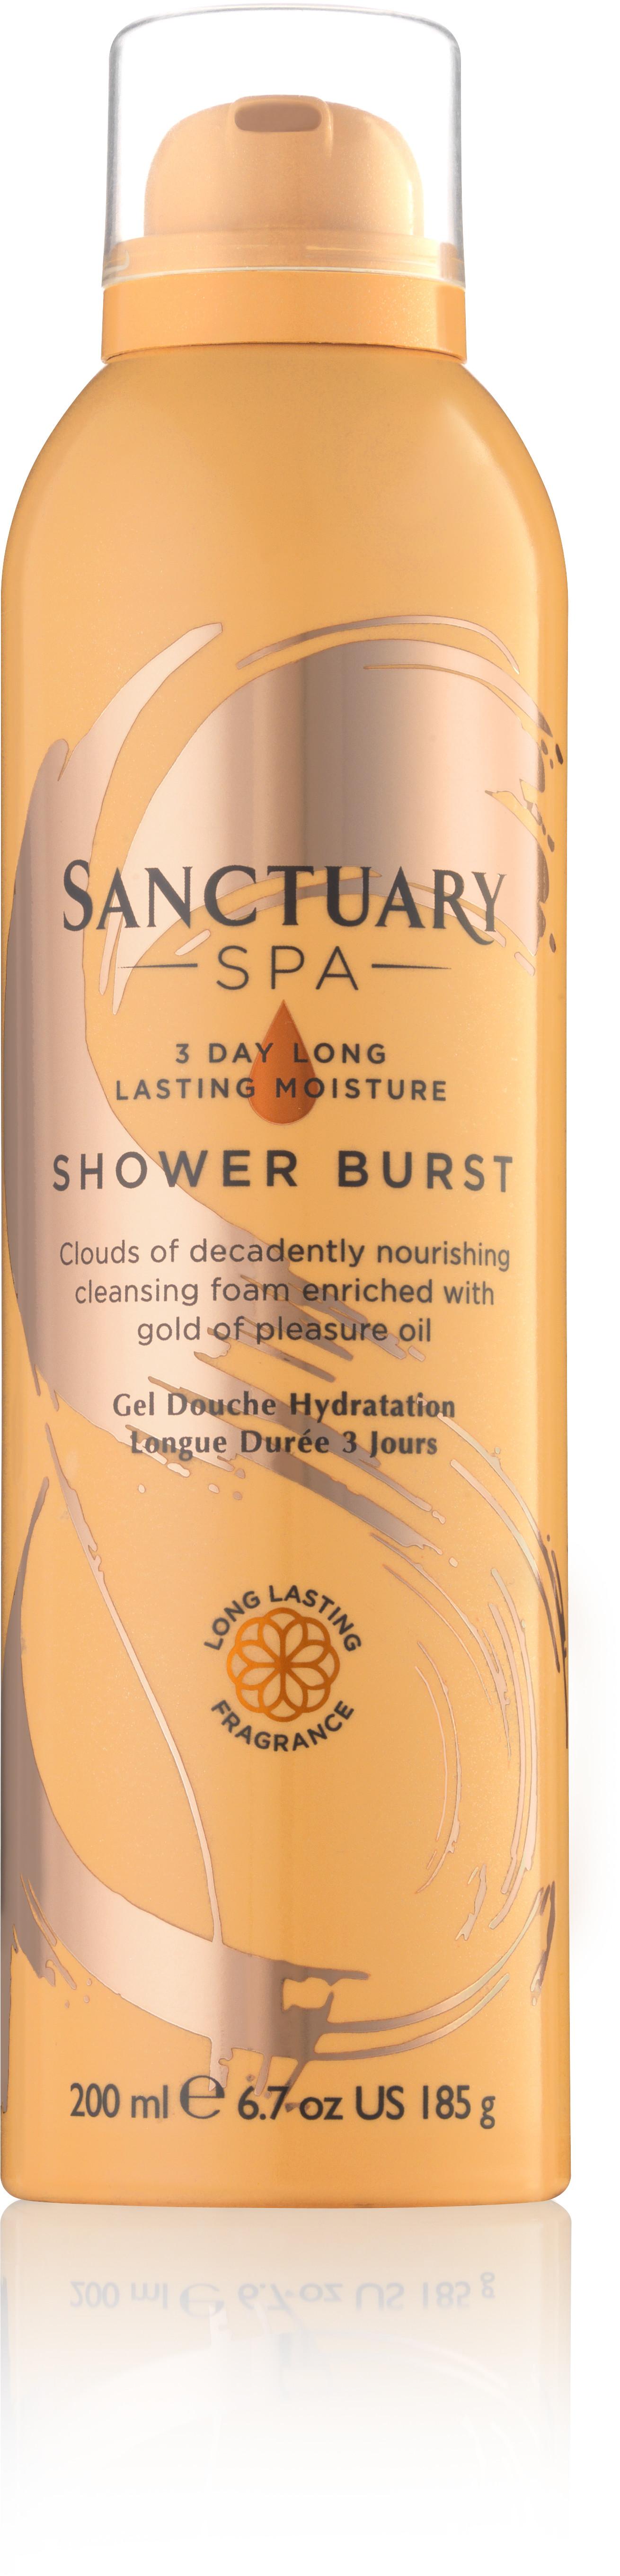 SANCTUARY Spa Shower Burst 3 Day Long Lasting Moisture 200 ml Luksusowa głęboko nawilżająca pianka pod prysznic Spa LETNIA WYPRZEDAŻ DO 80%